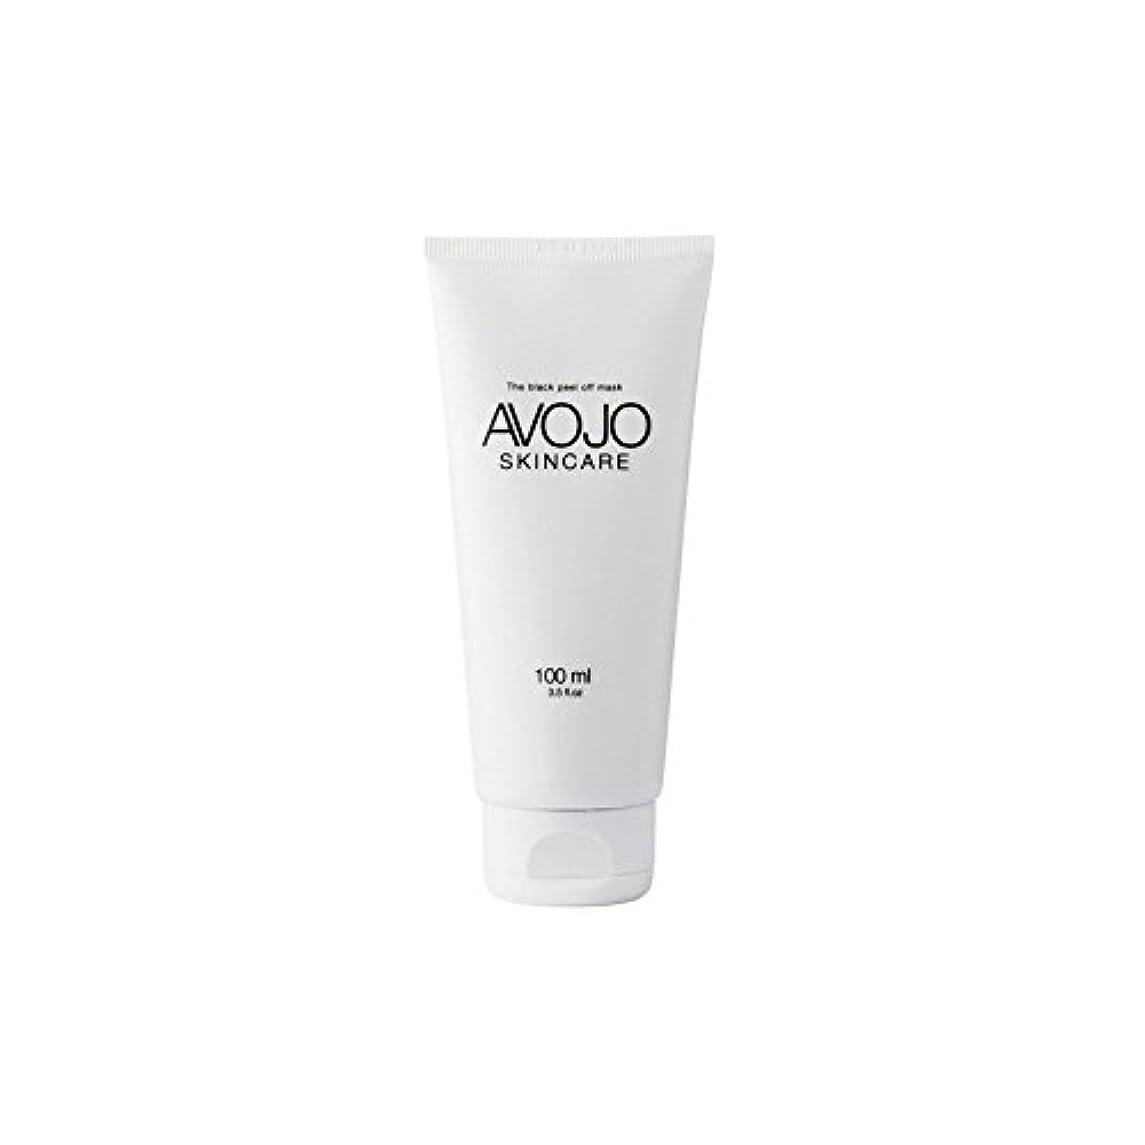 補うアサー有罪Avojo - The Black Peel Off Mask - (Bottle 100ml) (Pack of 6) - - 黒皮オフマスク - (ボトル100ミリリットル) x6 [並行輸入品]